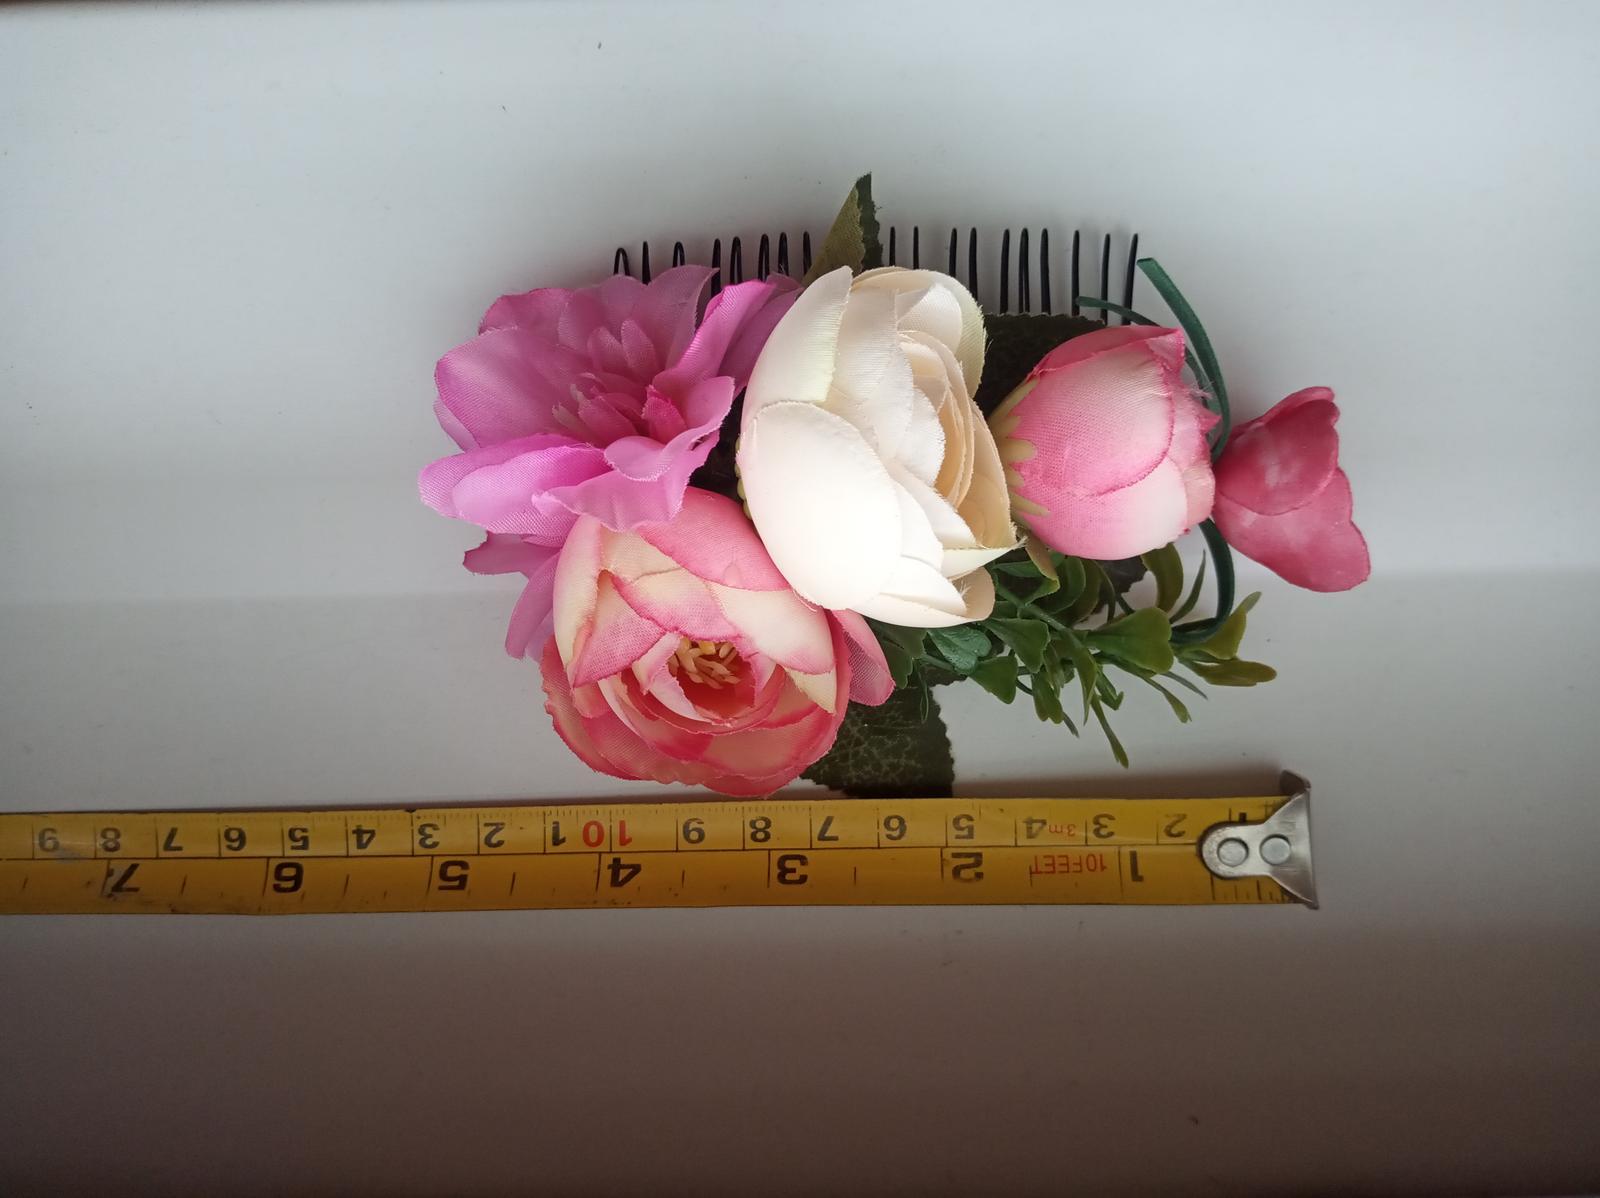 Hrebienok do vlasov s kvetmi - Obrázok č. 3